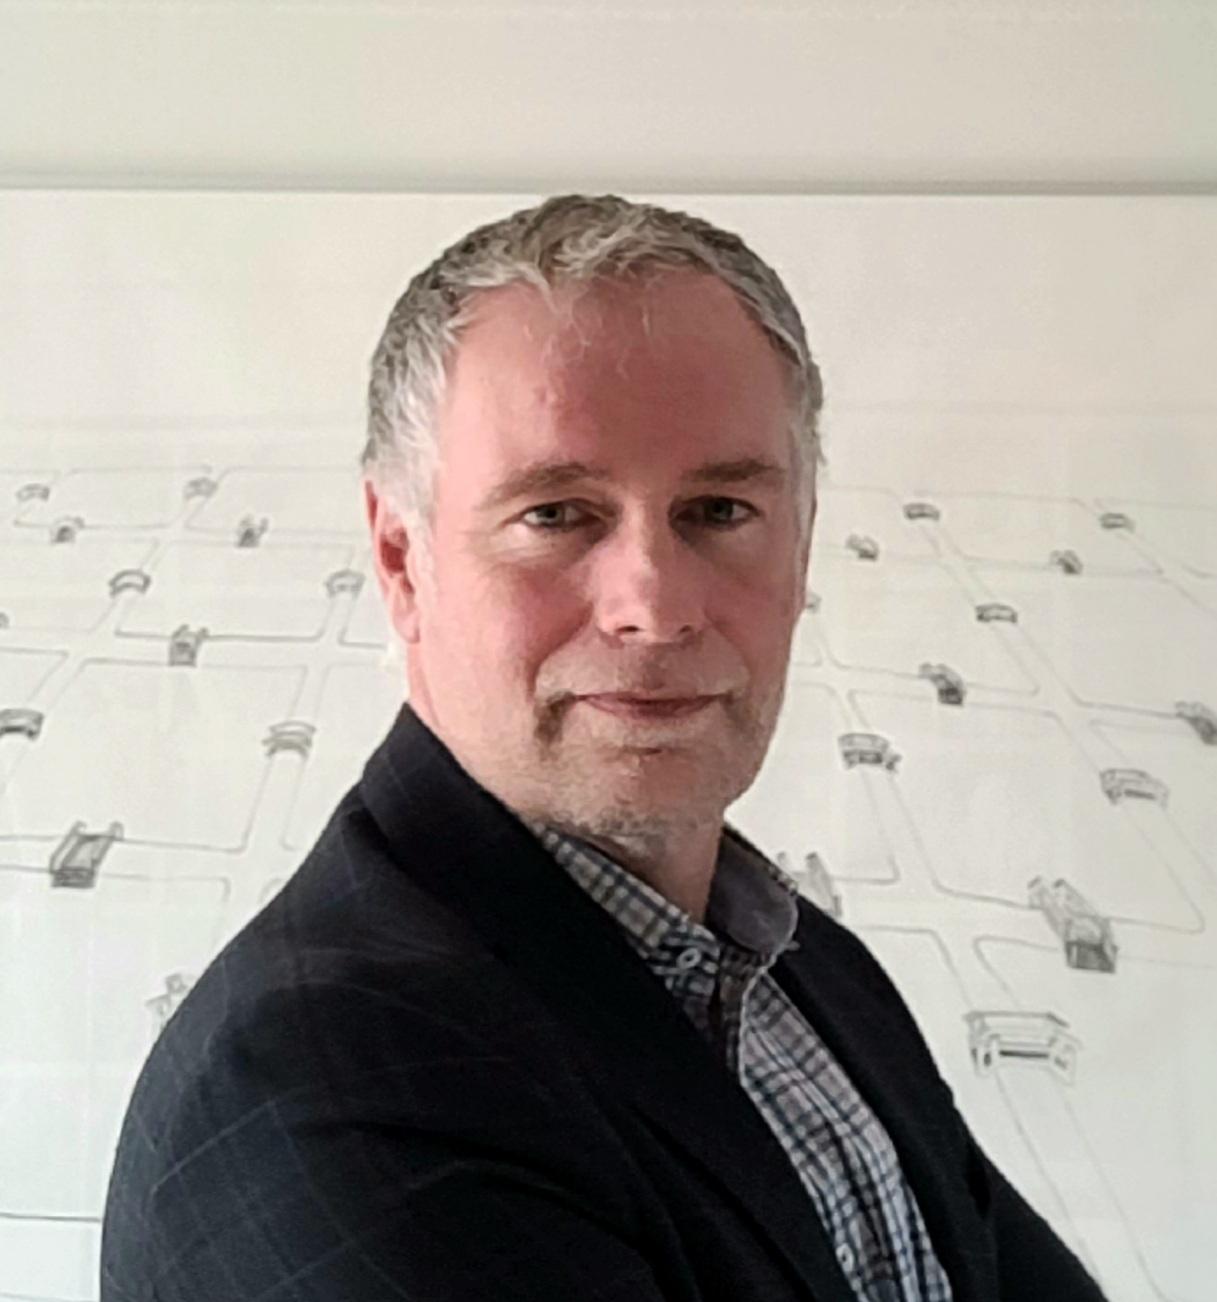 Frank Voorbergen